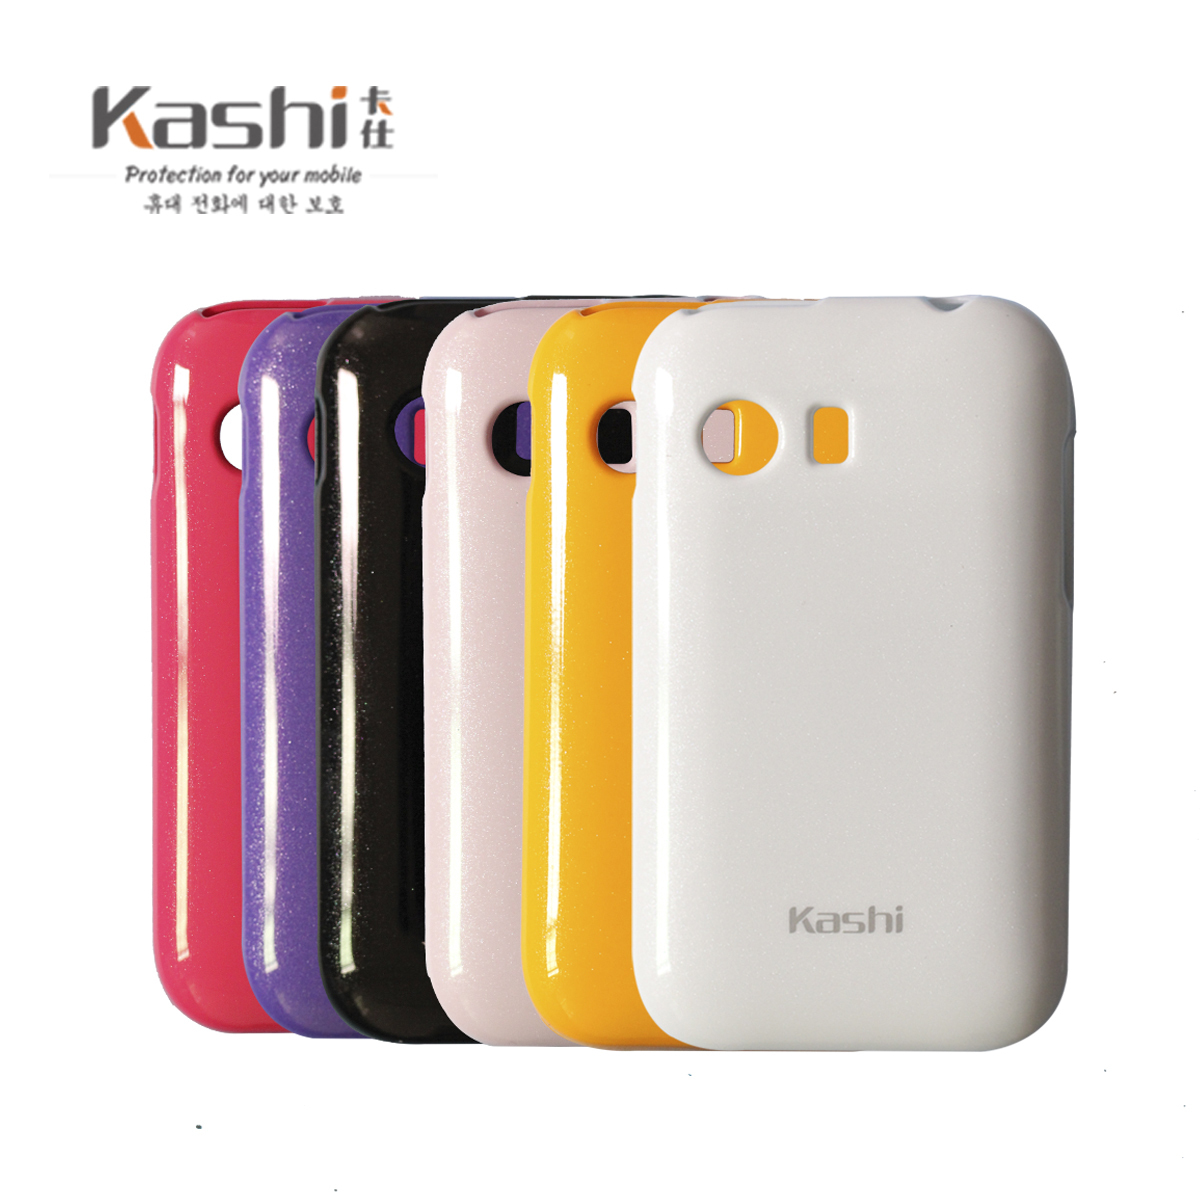 Чехлы, Накладки для телефонов, КПК Kashi kashi Kashi Samsung/S5360 Японский и южнокорейский стили